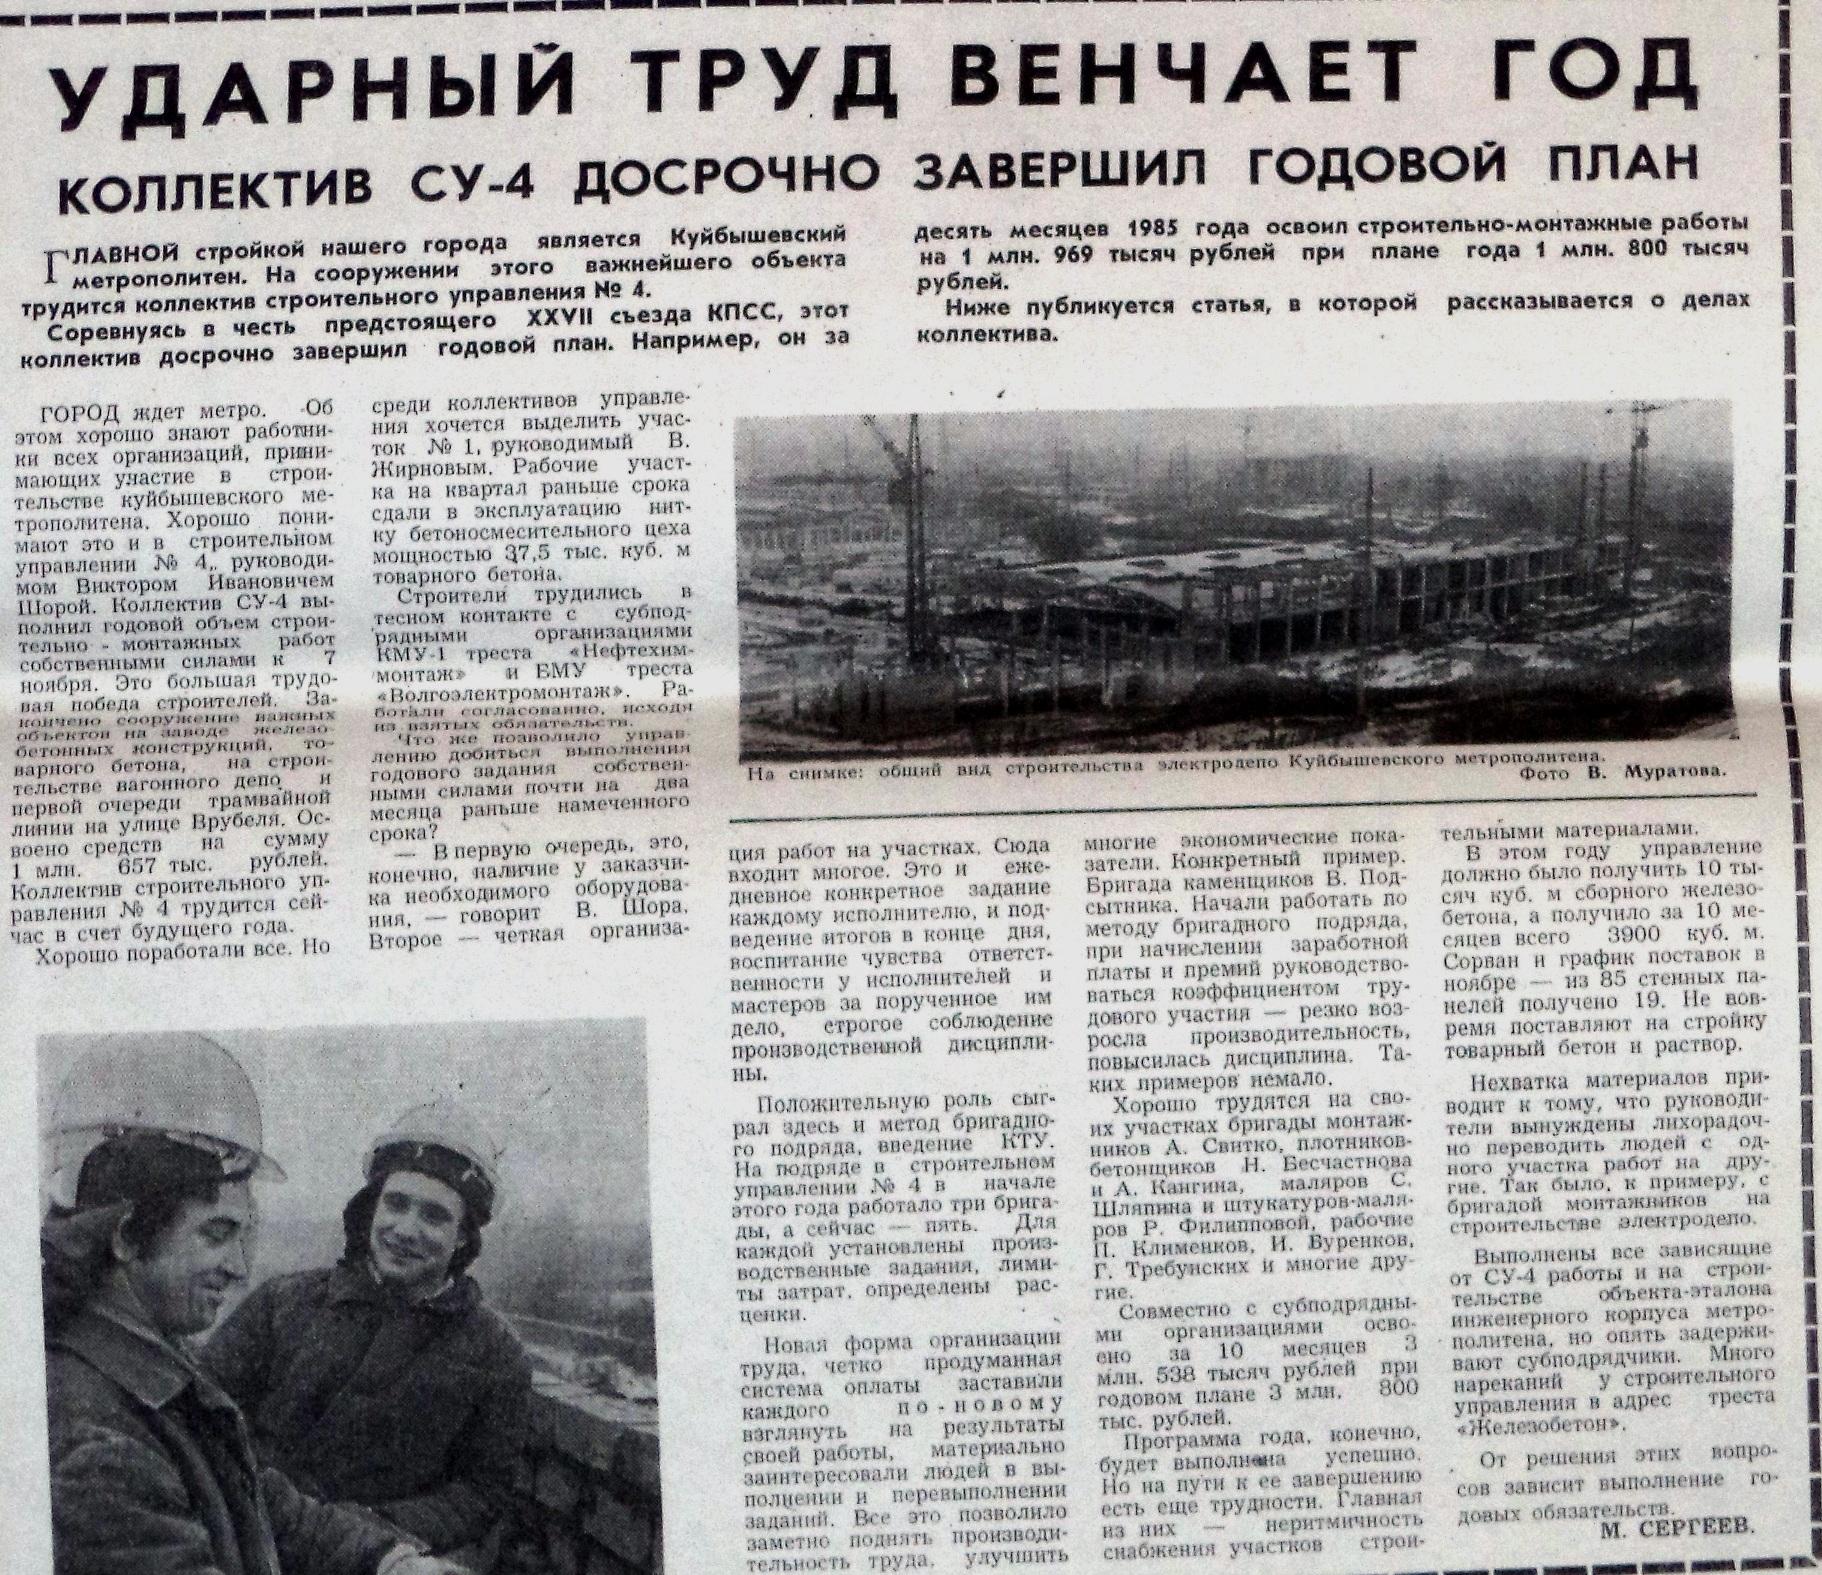 Железной Дивизии-ФОТО-27-Трибуна Строителя-1985-12 декабря